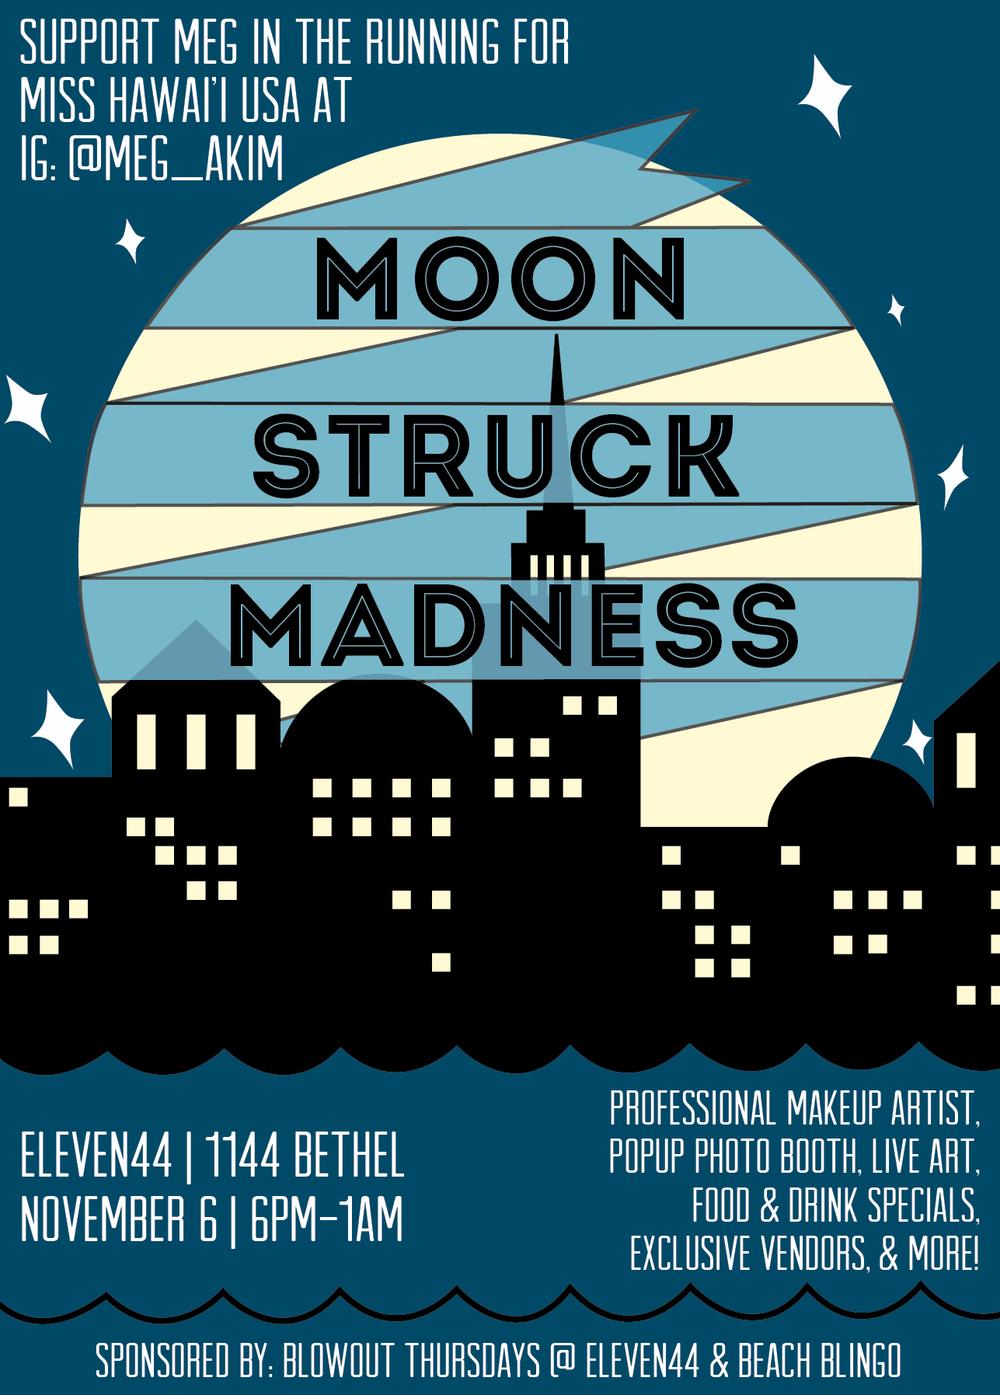 MoonStruckMadness.jpg